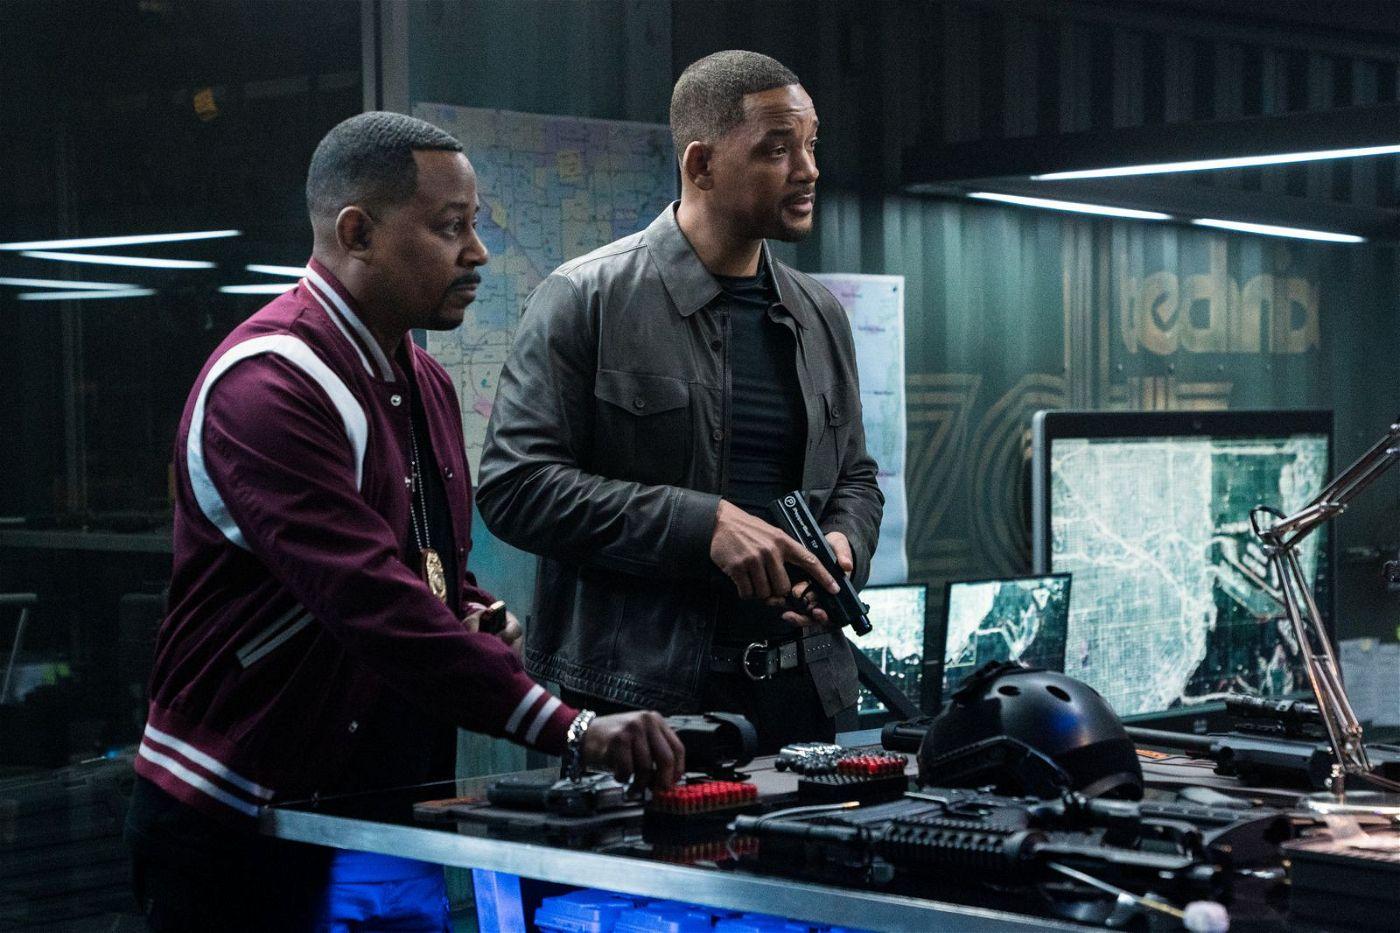 Keine Zeit für die Rente: Marcus (Martin Lawrence, links) und Mike (Will Smith) müssen noch einmal zeigen, was in ihnen steckt.